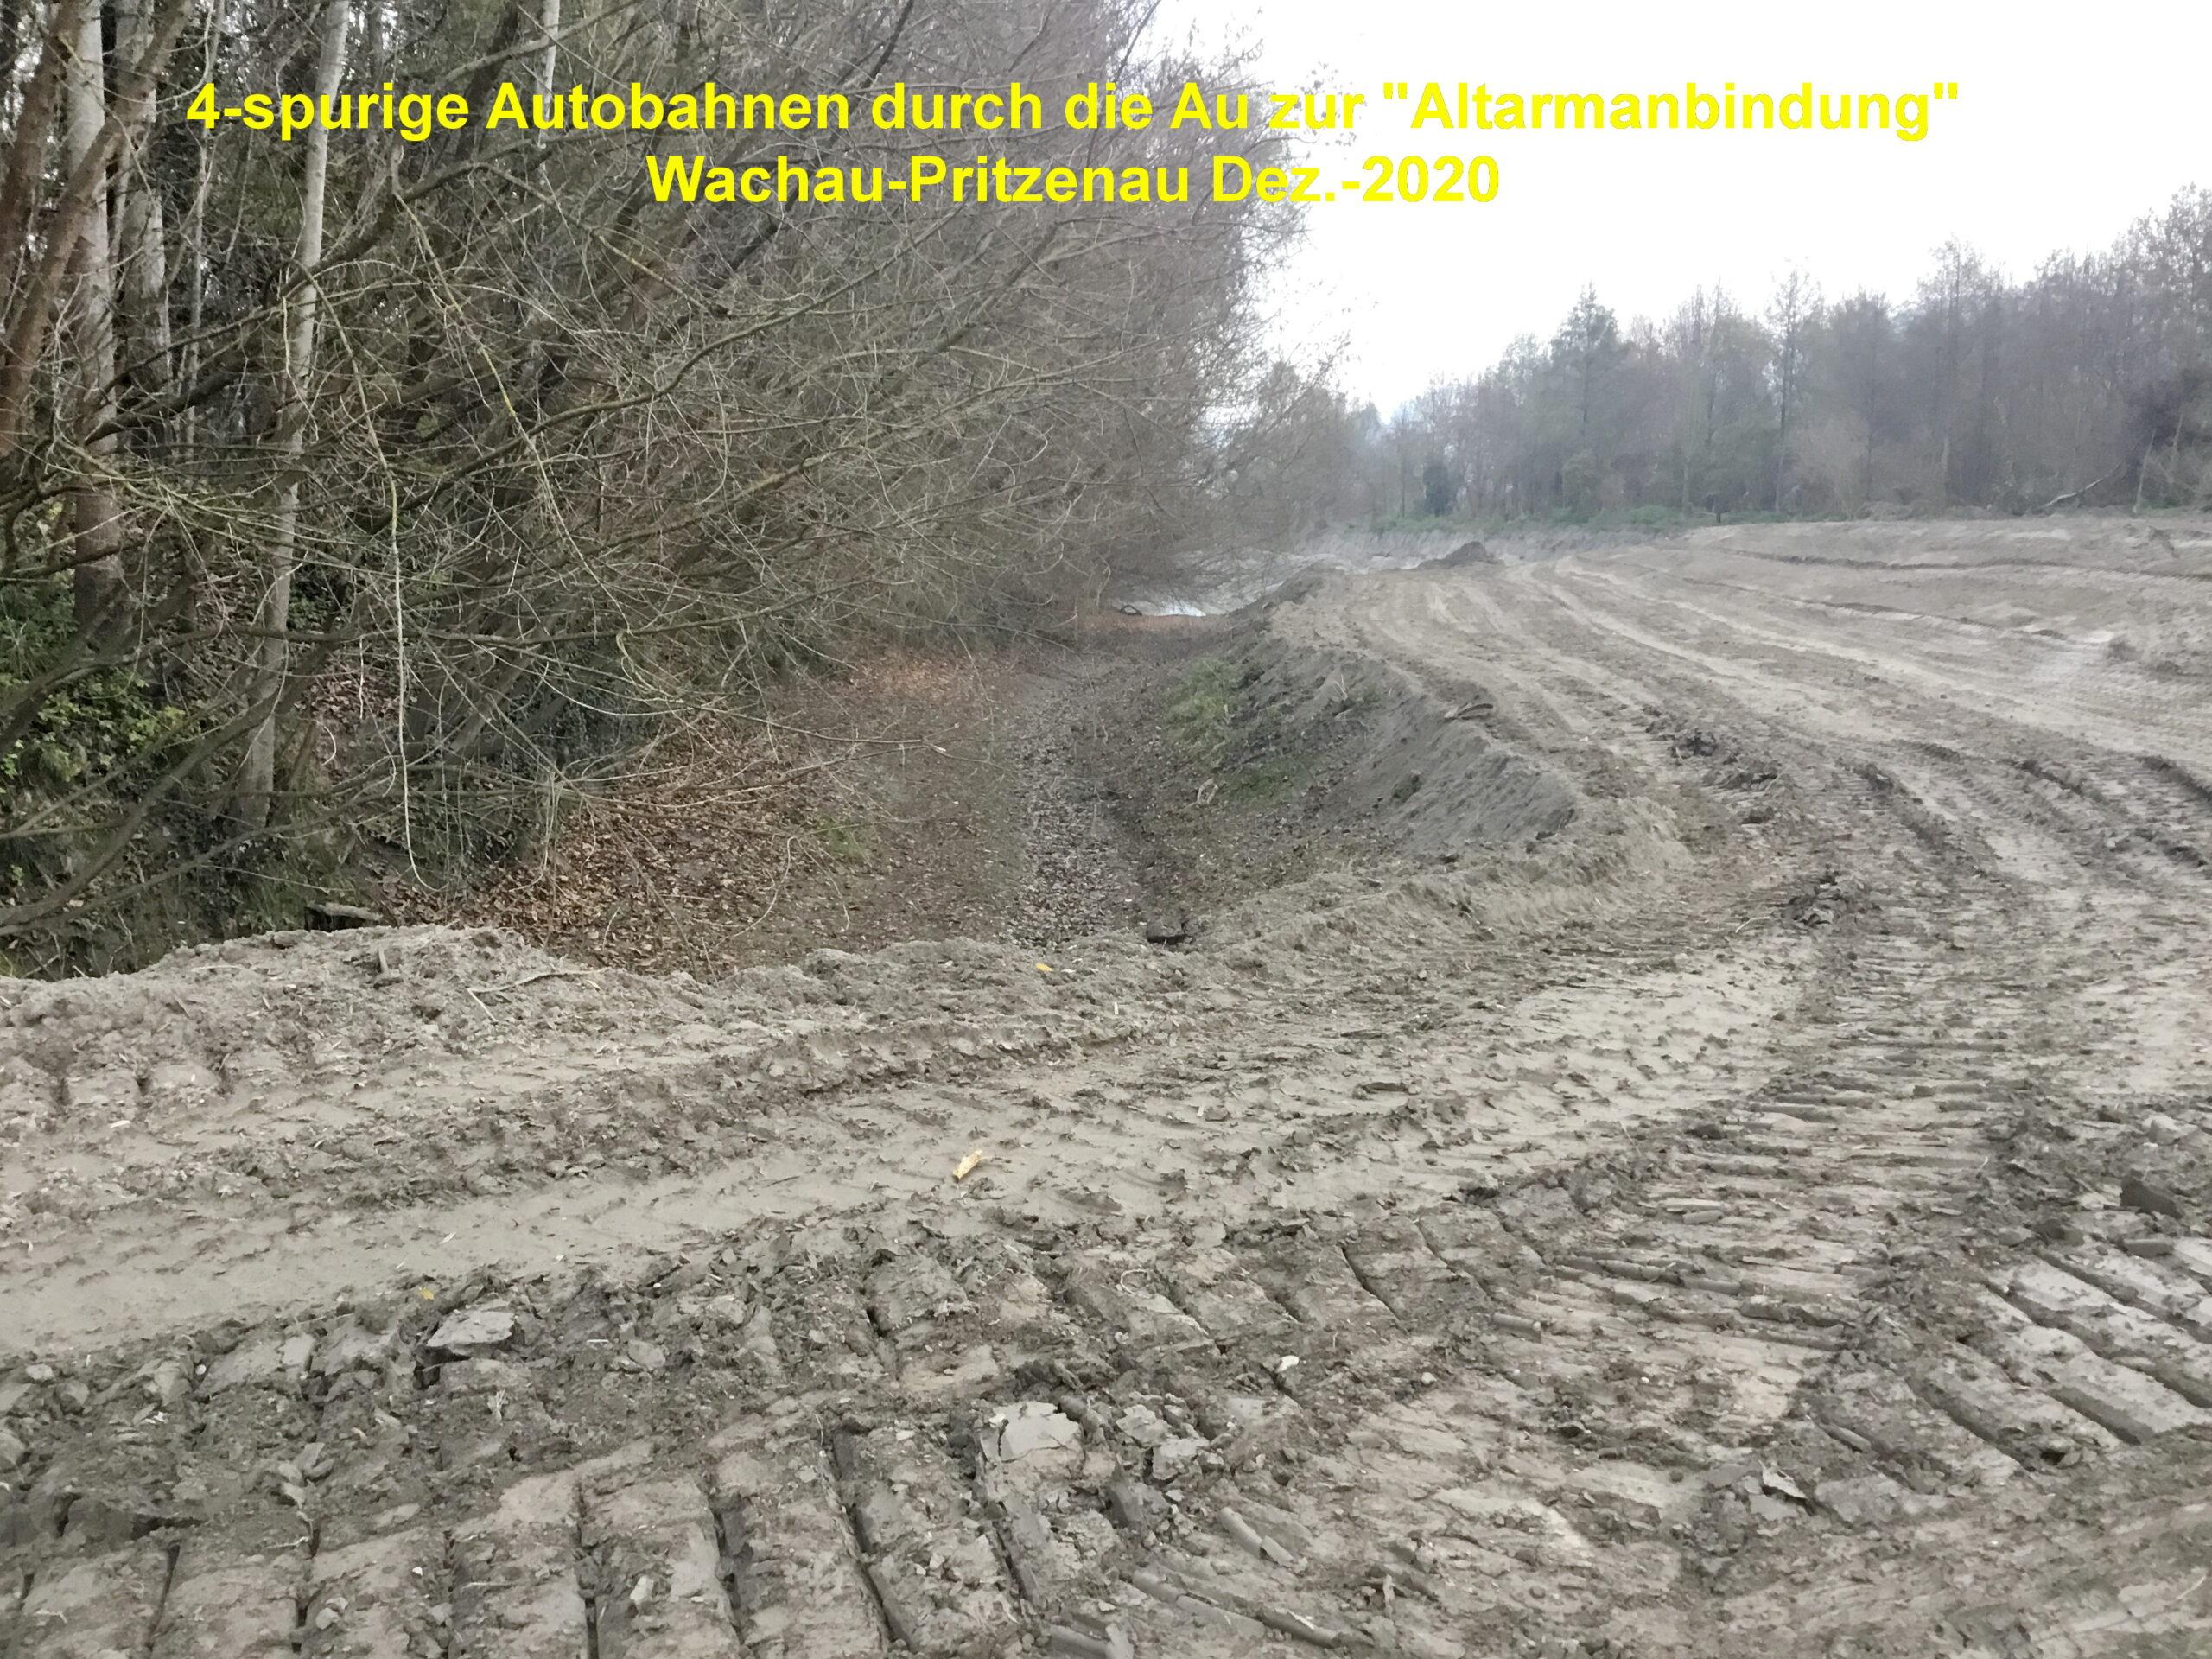 """Klimaschutzministerin Gewessler stellt klar: """"Ja zu Schutz unserer Natur und Biodiversität, Nein zum Donau-Oder-Kanal"""""""